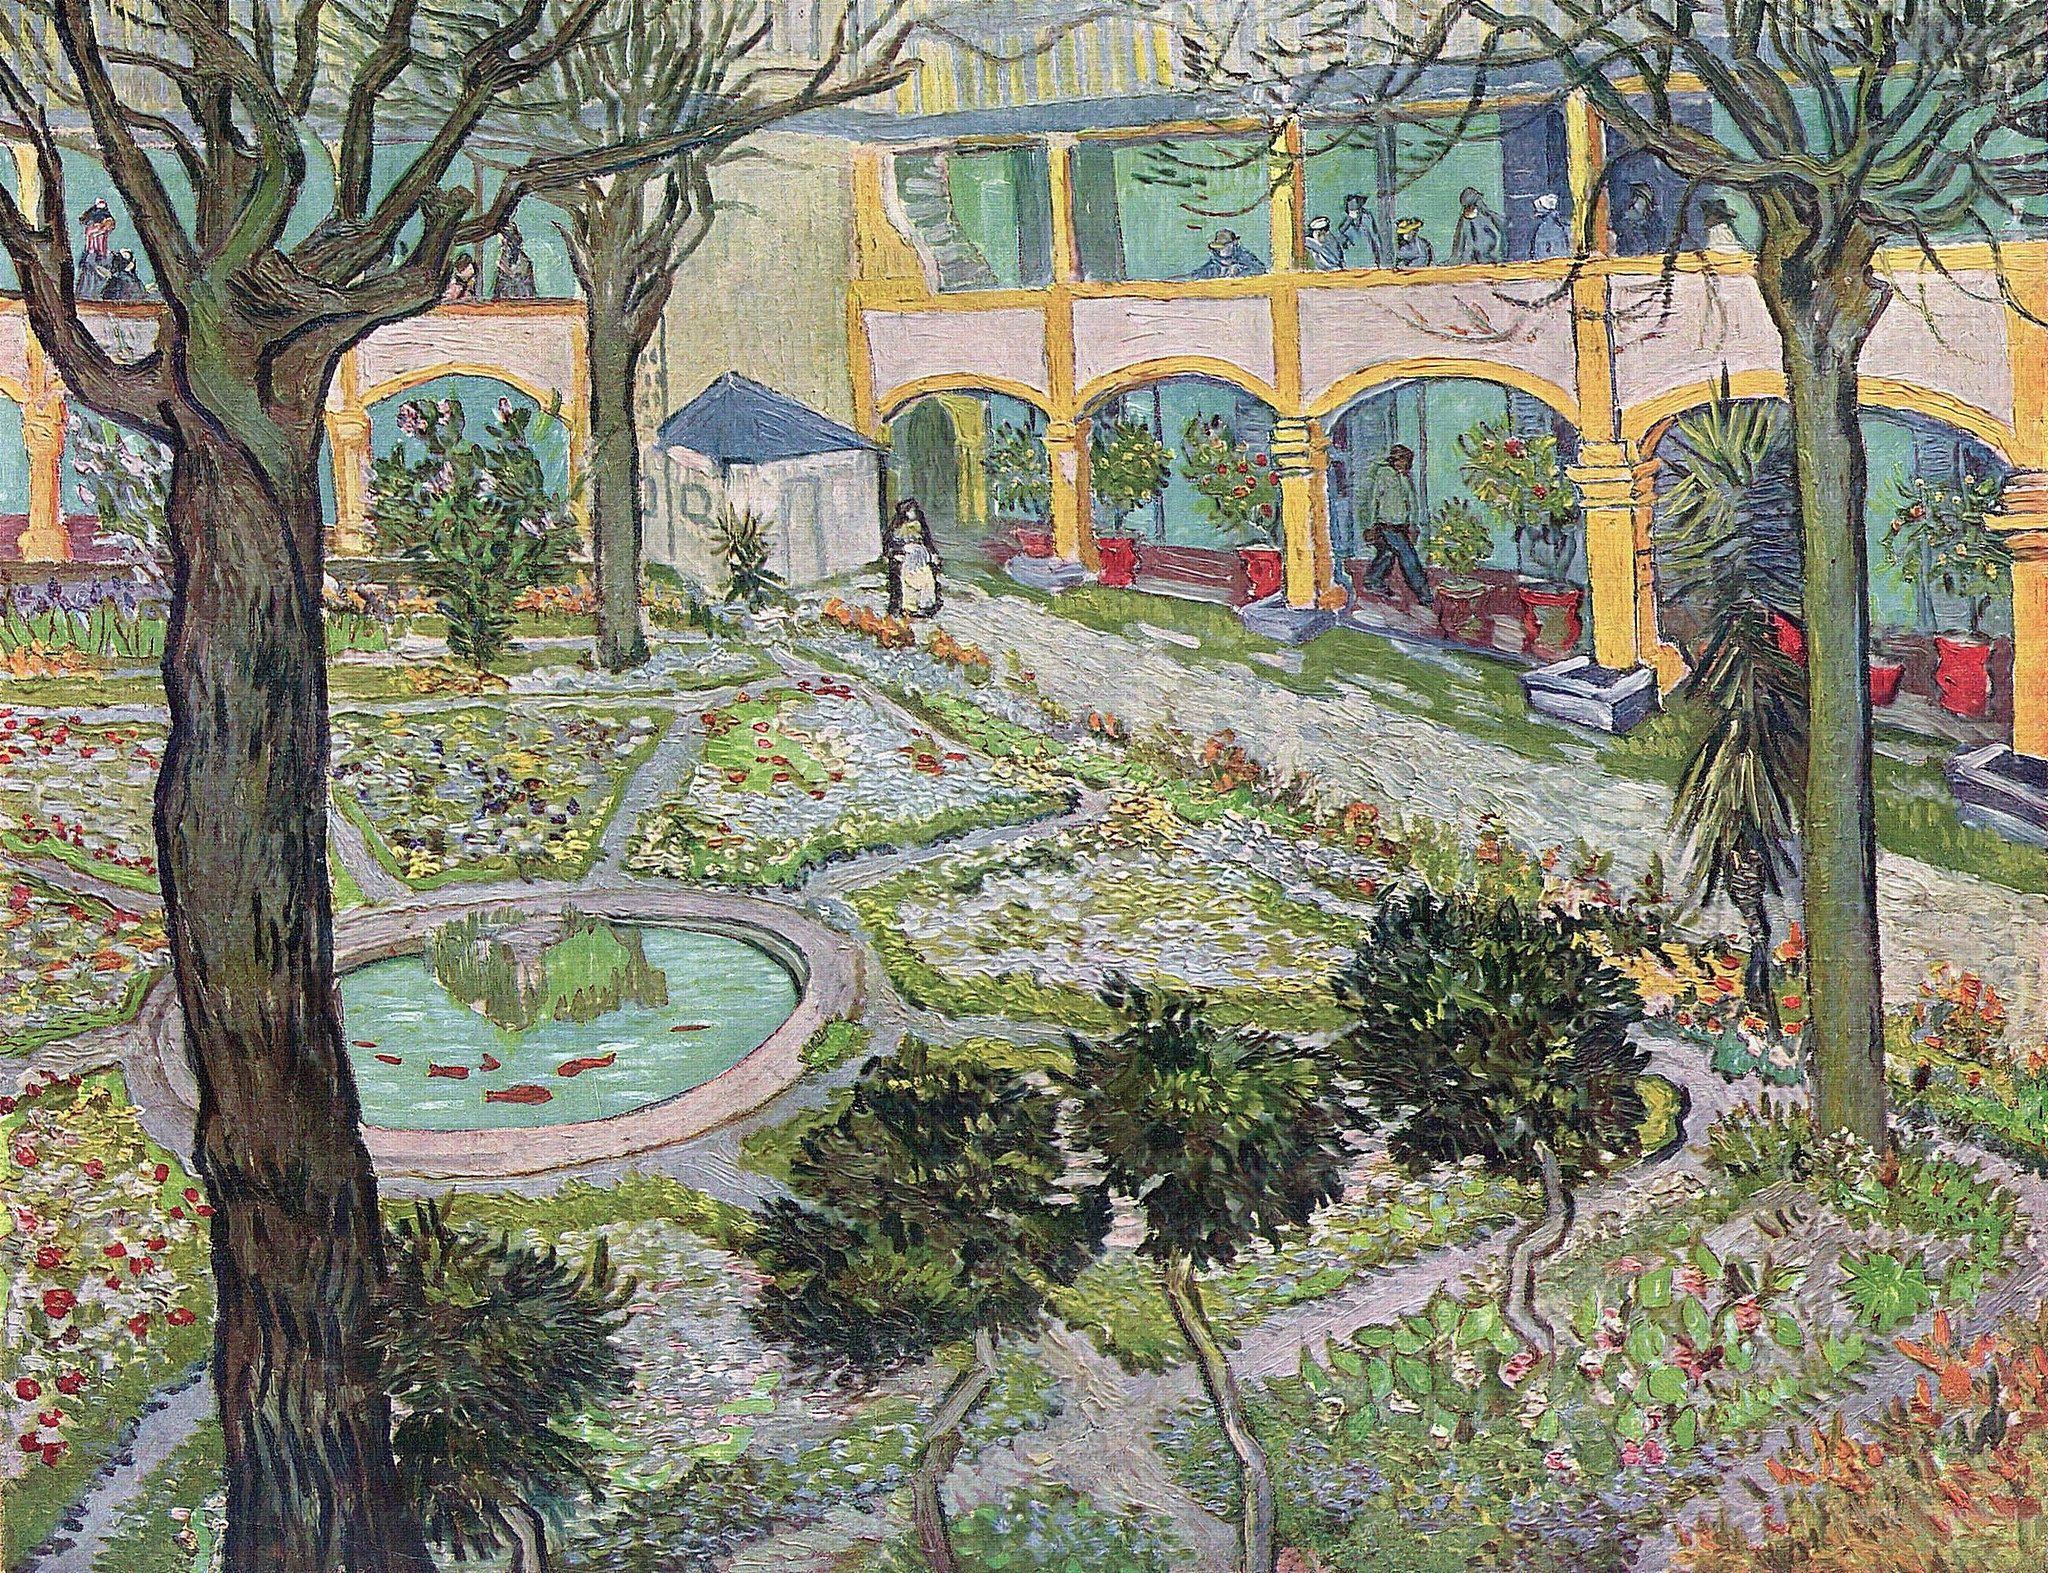 Self Guided Walking Tour Of Arles In The Steps Of Van Gogh Van